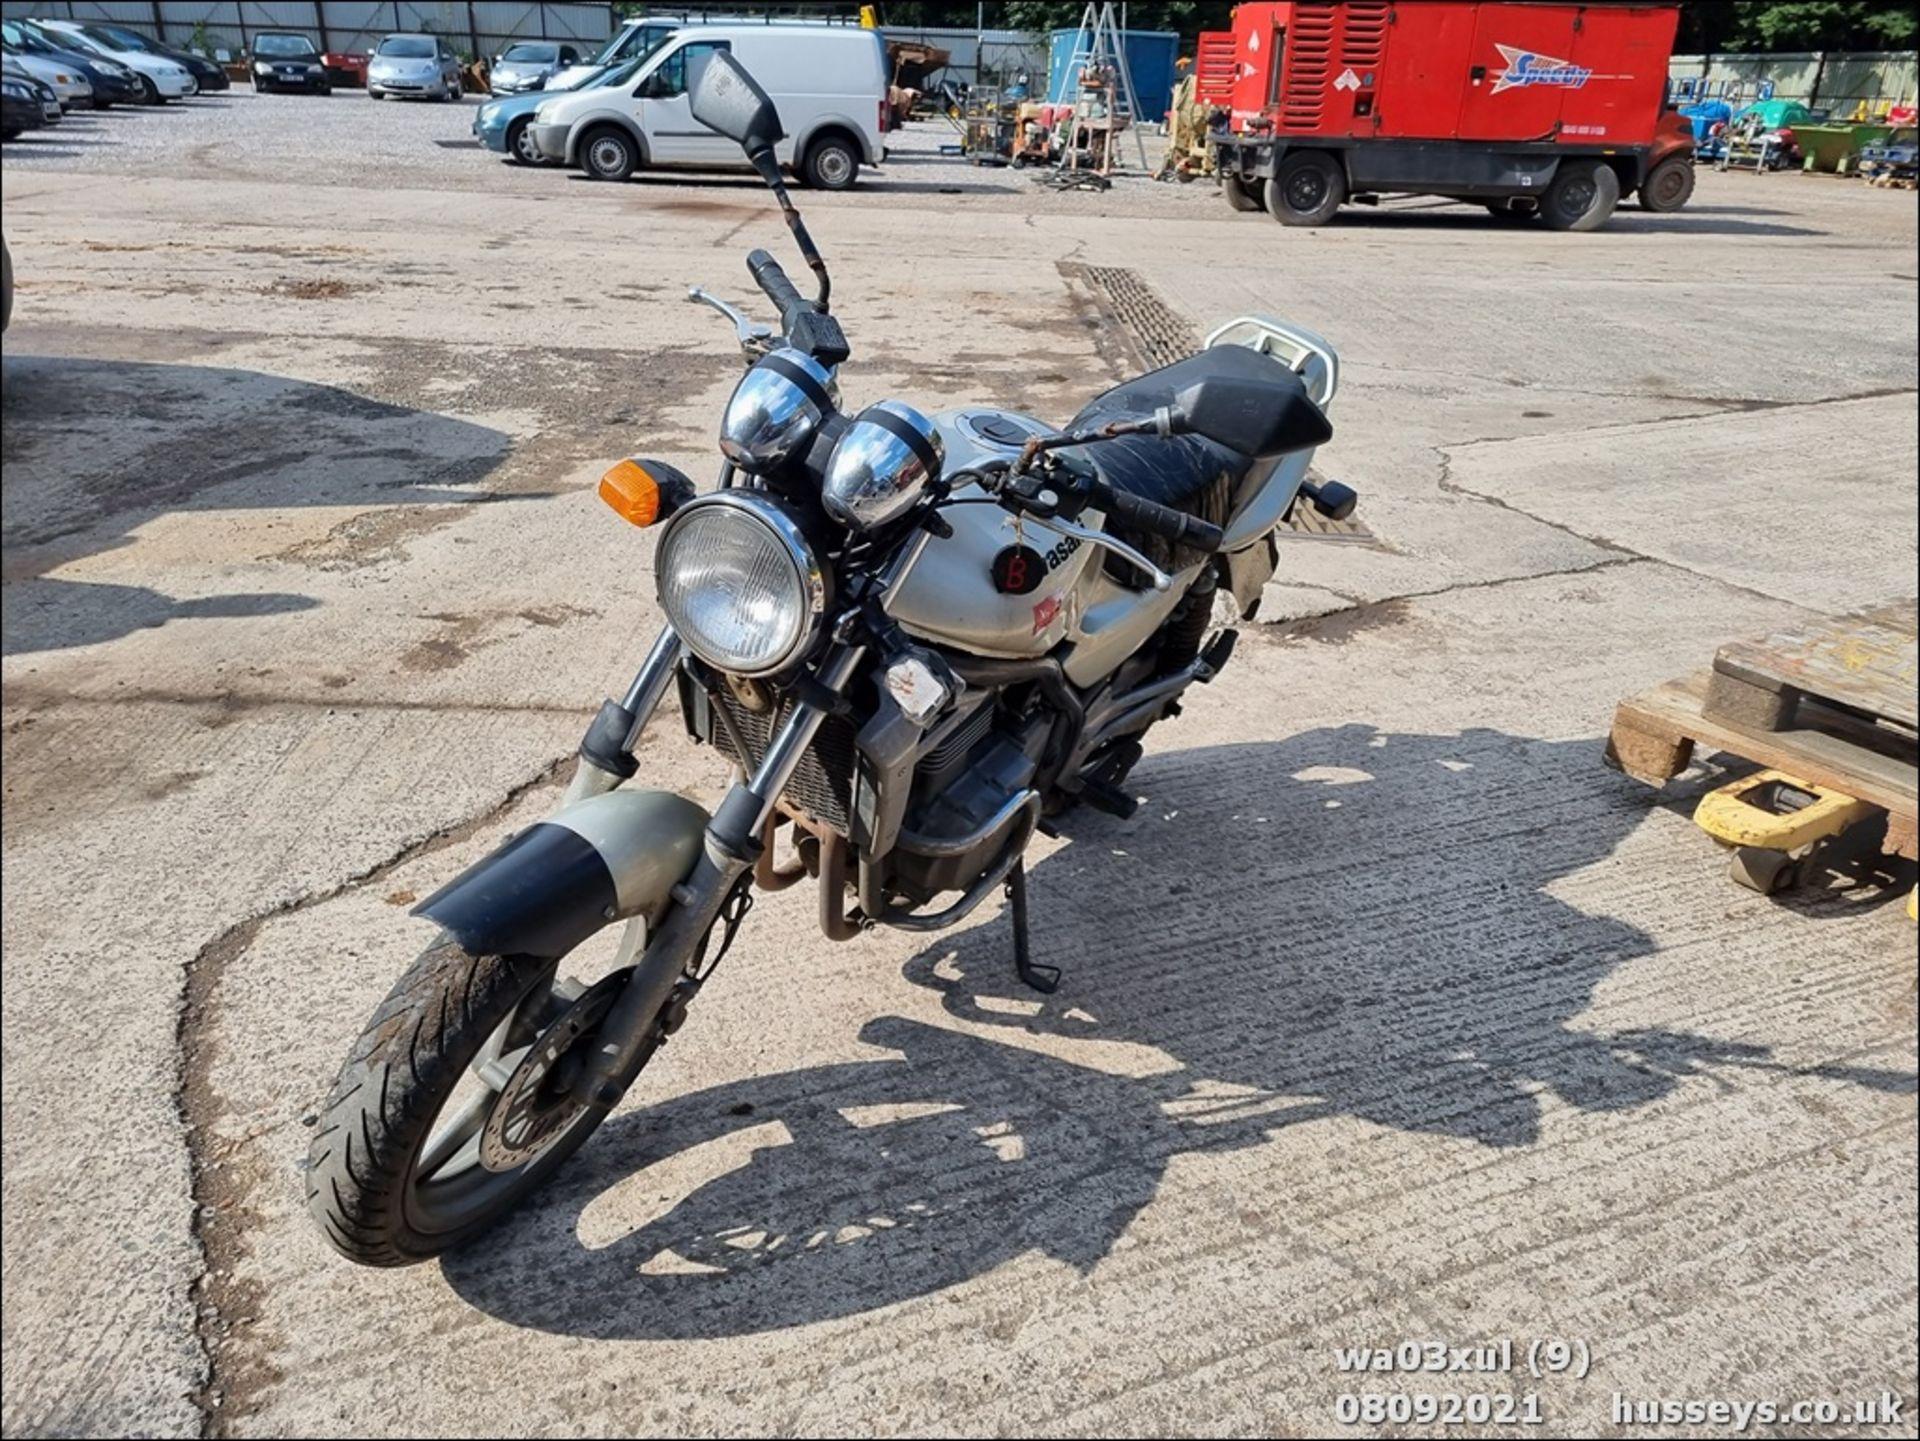 03/03 KAWASAKI ER500-C1 - 498cc Motorcycle (Gold) - Image 8 of 16